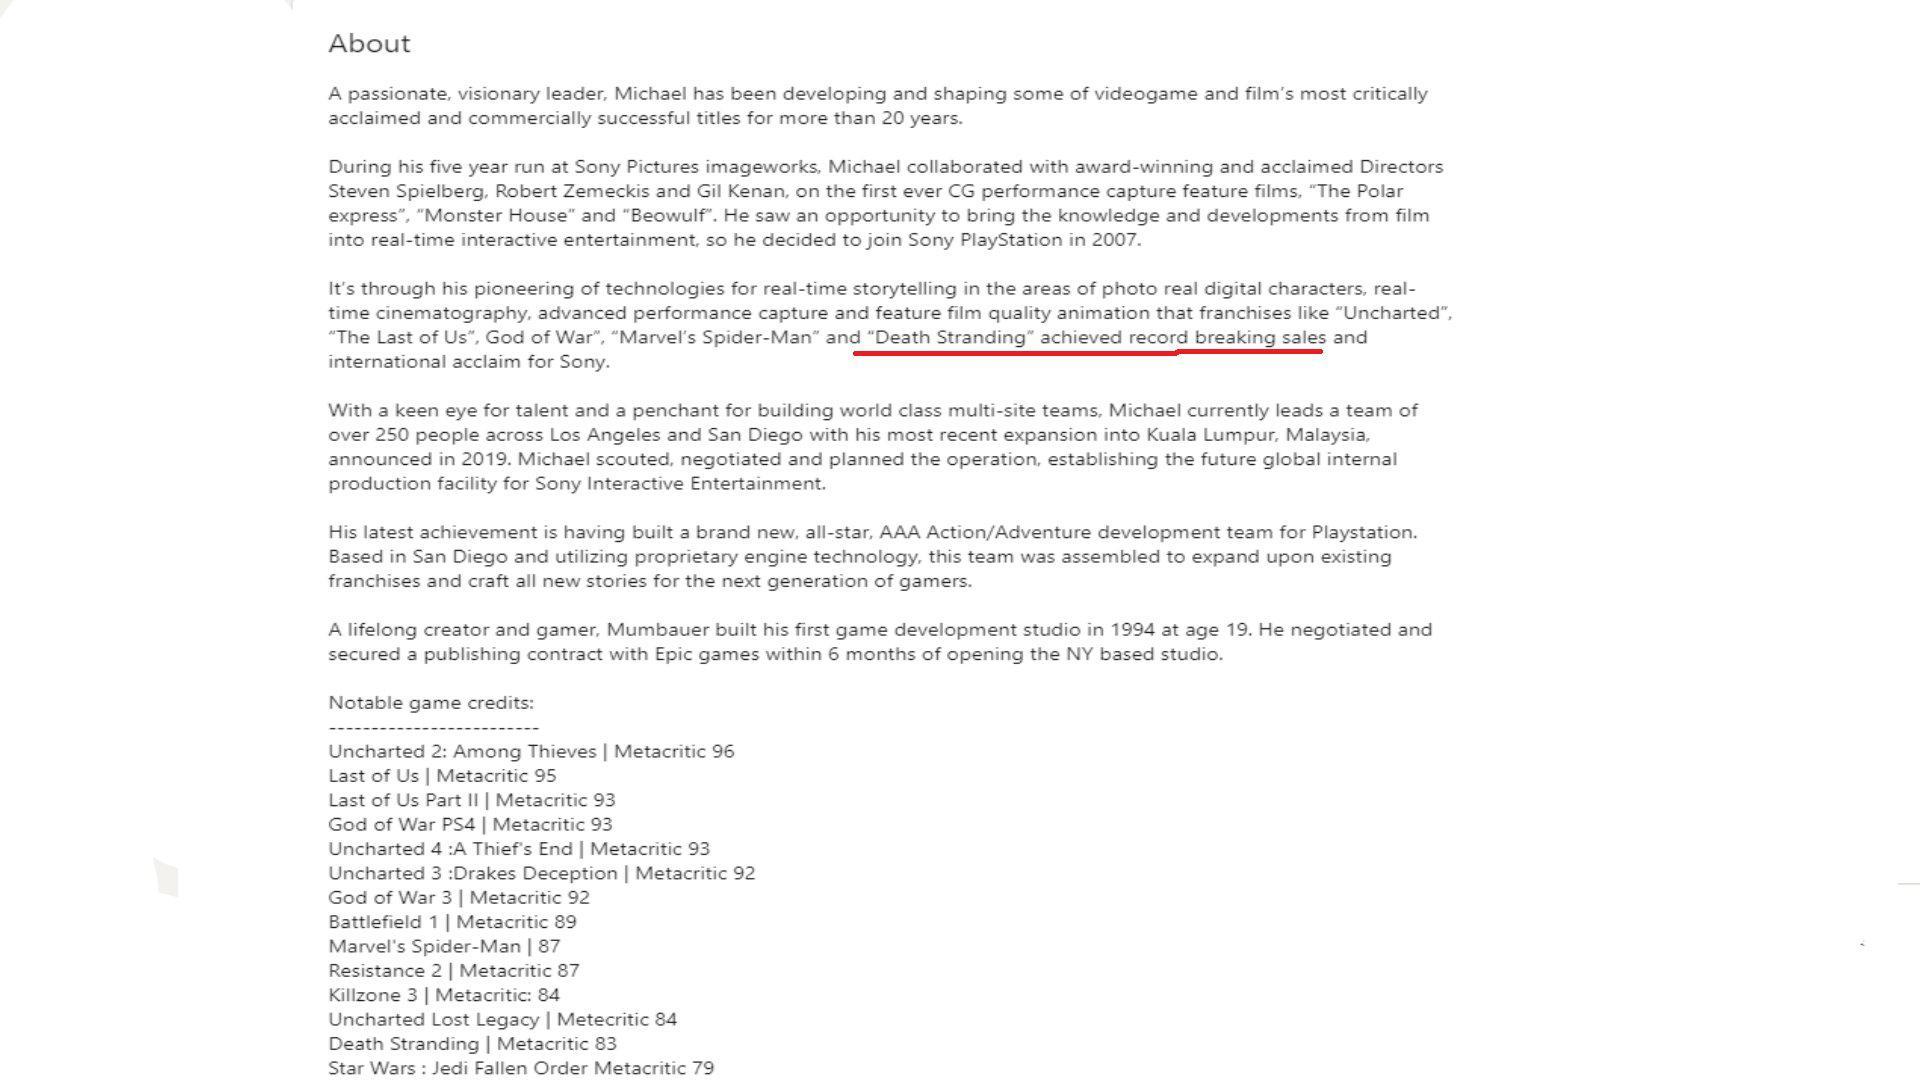 前索尼高層領英顯示:《死亡擱淺》銷量破紀錄